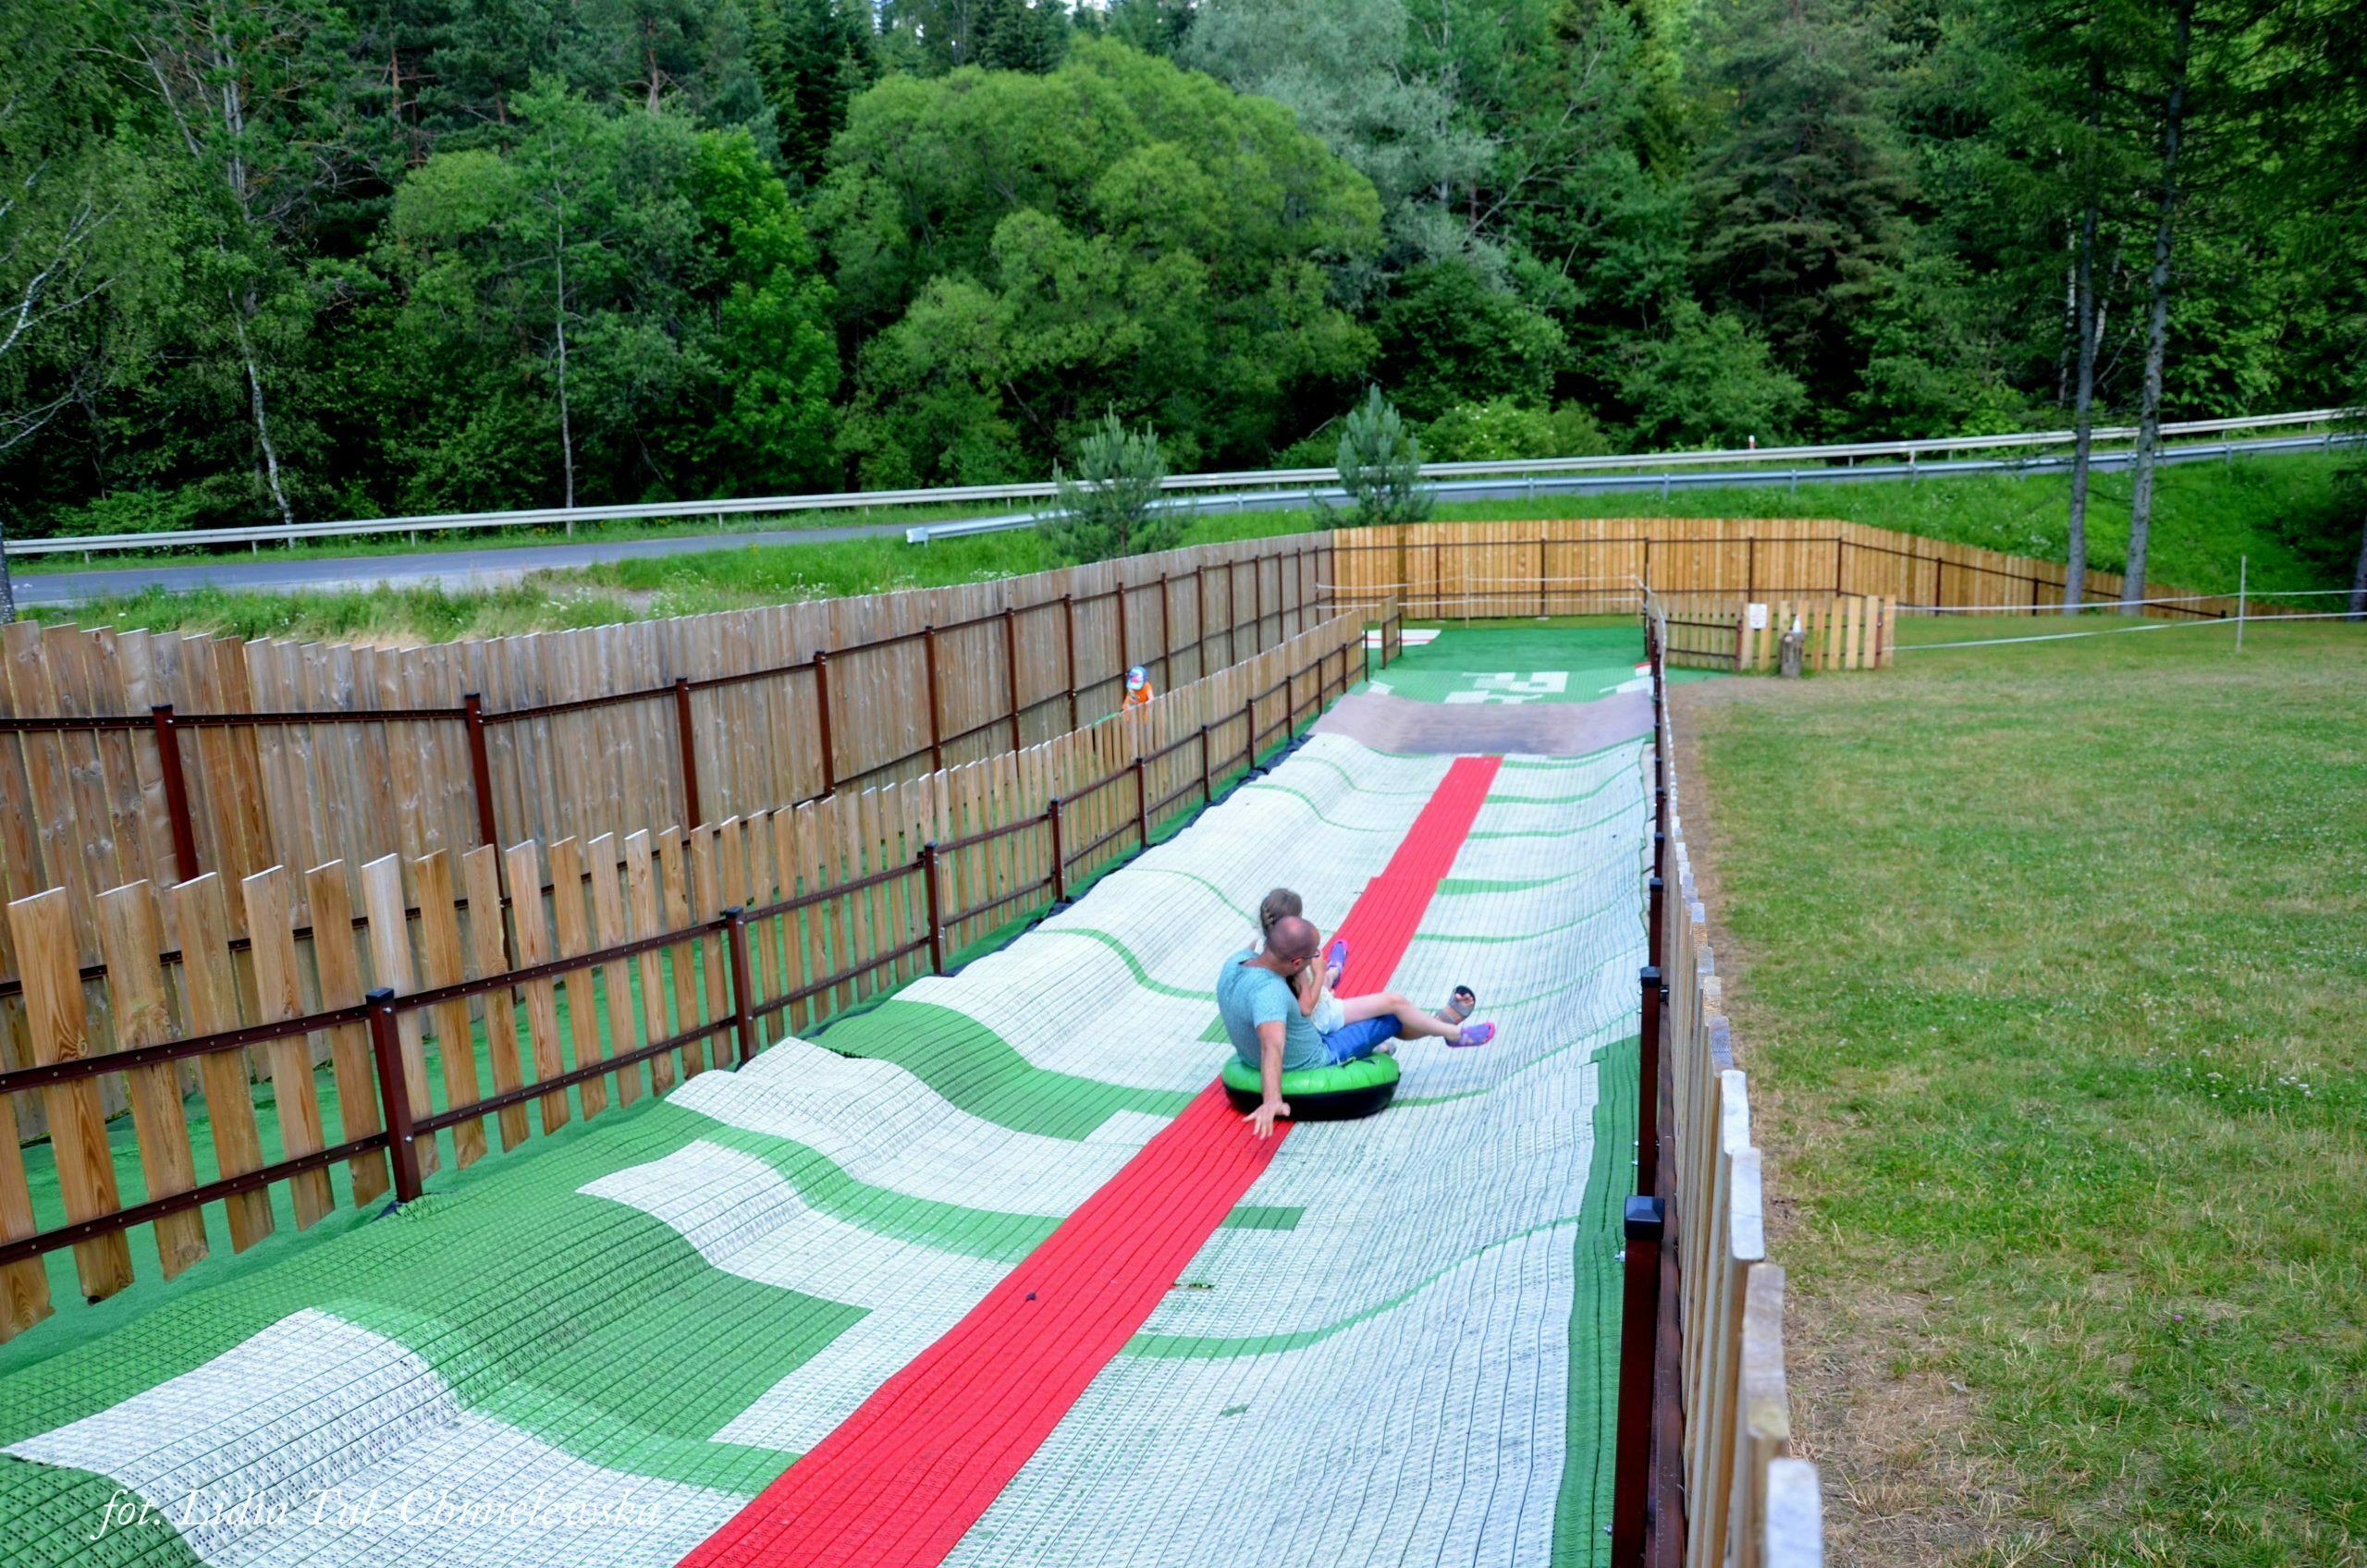 Wiejskie zoo zabawa dla całej rodziny fot. Lidia Tul-Chmielewska